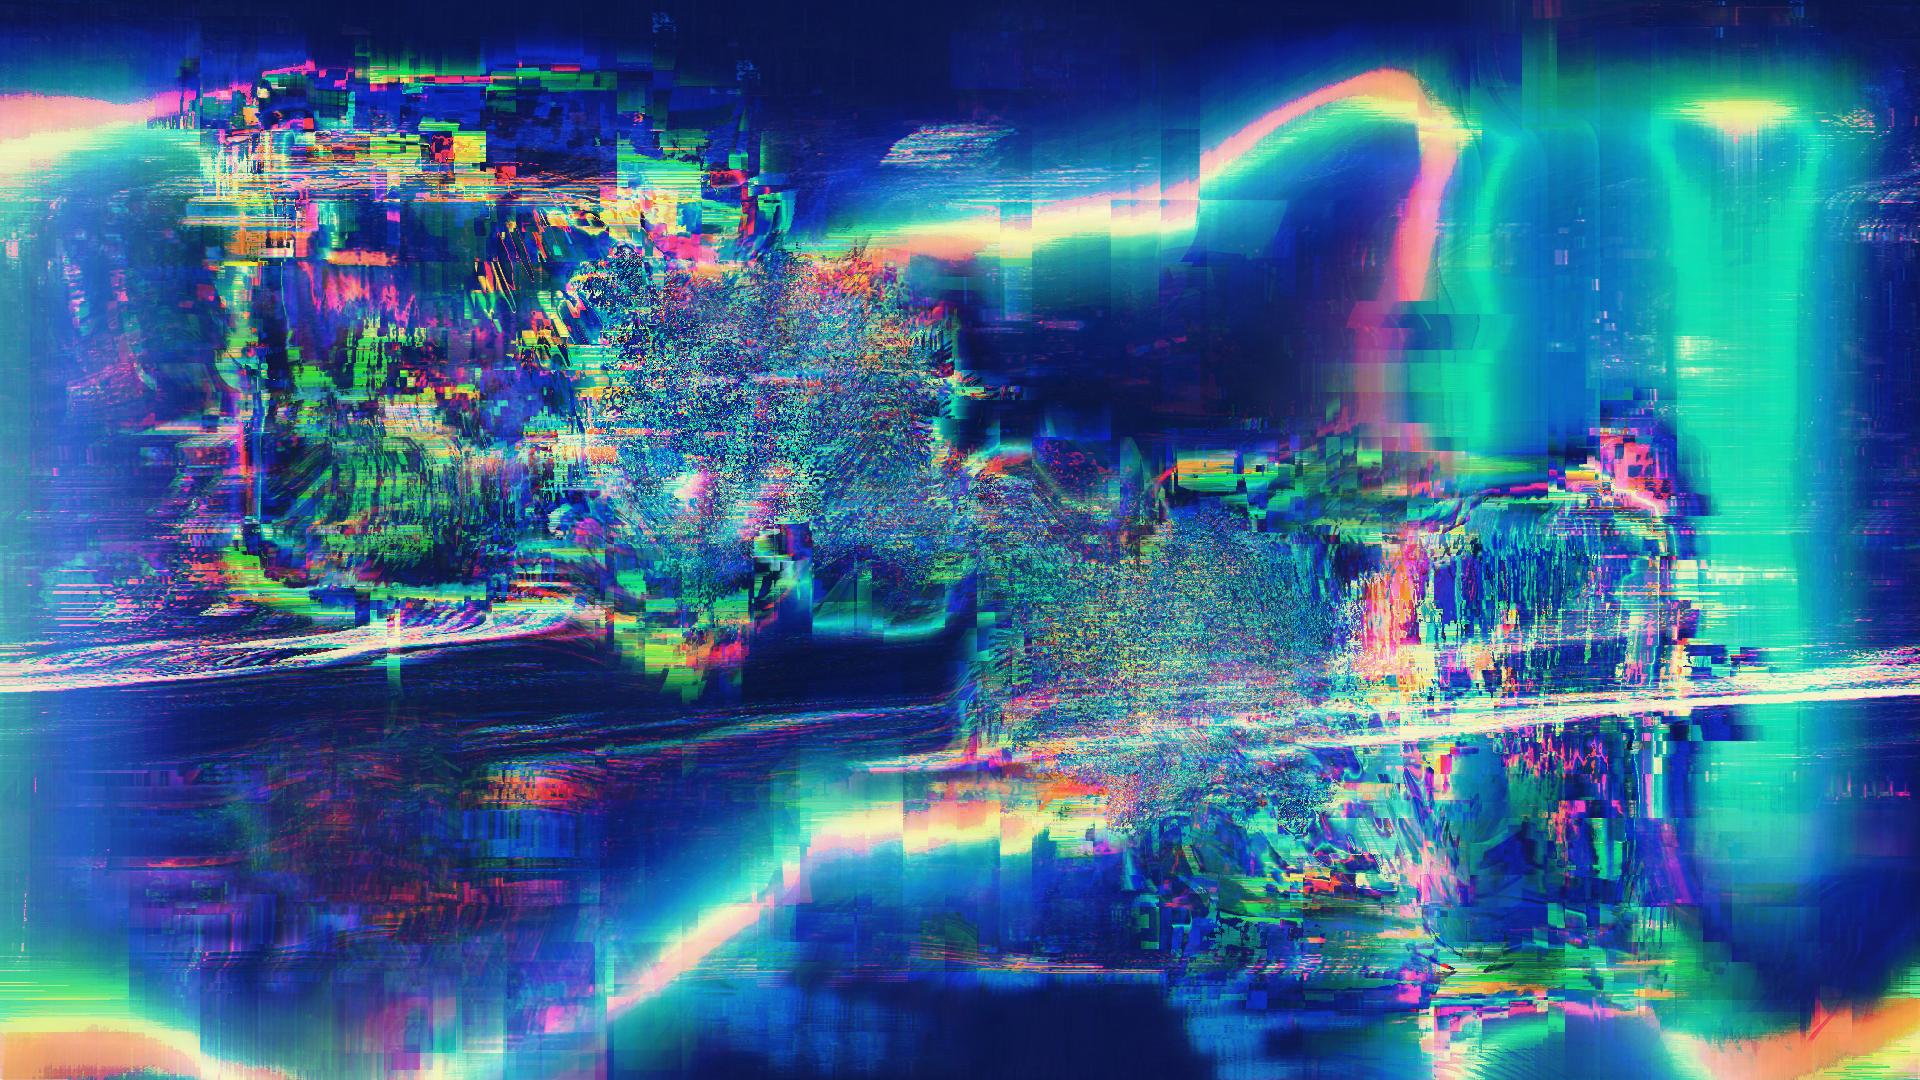 배경 화면 : 추상, 반사, 글리치 아트, 엘에스디, 크리스마스 조명, 전기, 빛, 색깔, 단계, 지구의